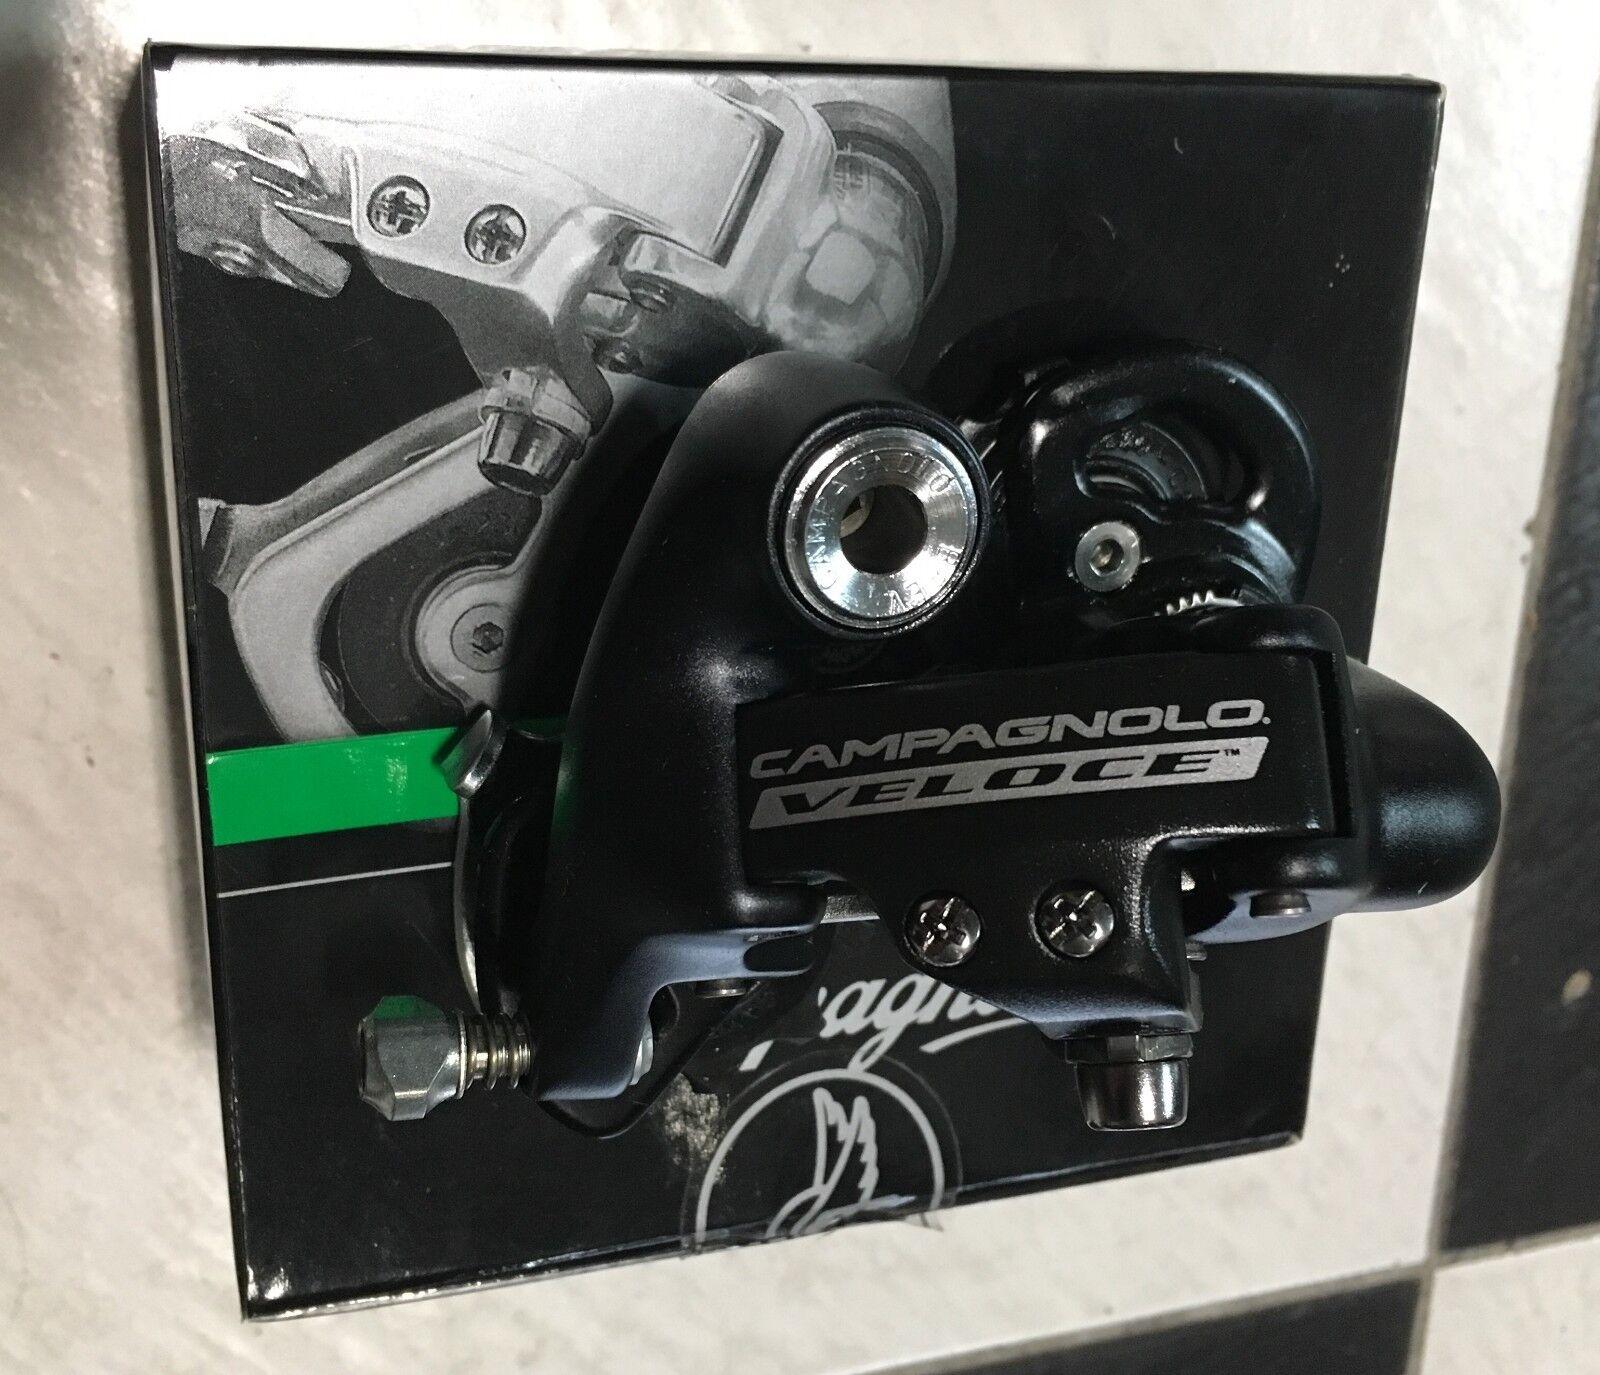 Campagnolo Veloce bike rear derailleur 10s cambio posteriore bici corsa RD9VLXS